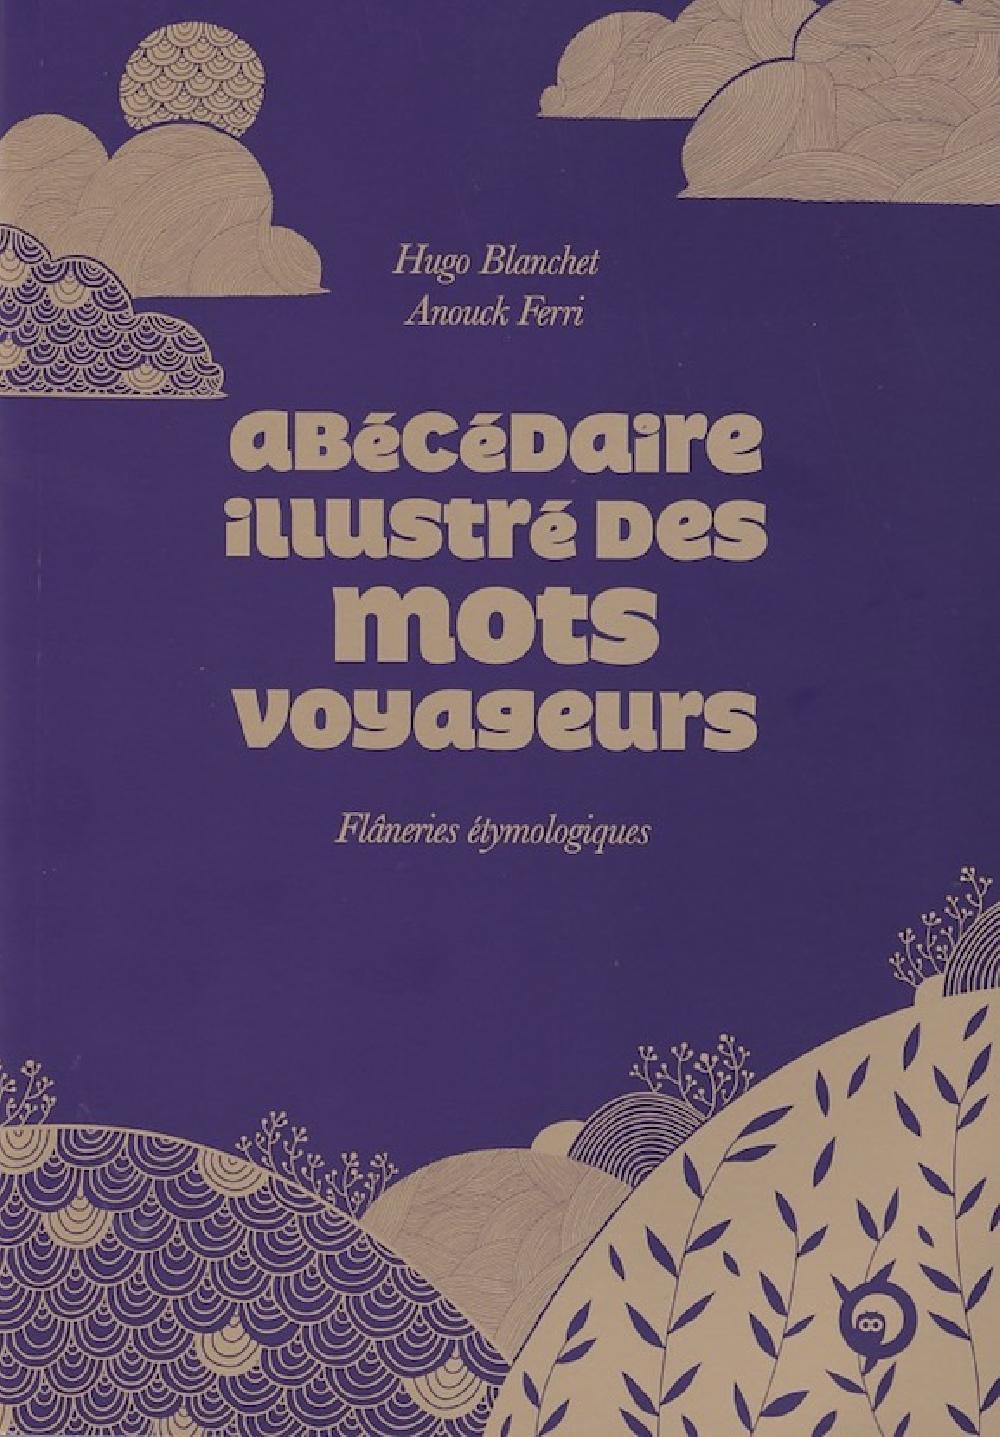 Abécédaire illustré des mots voyageurs